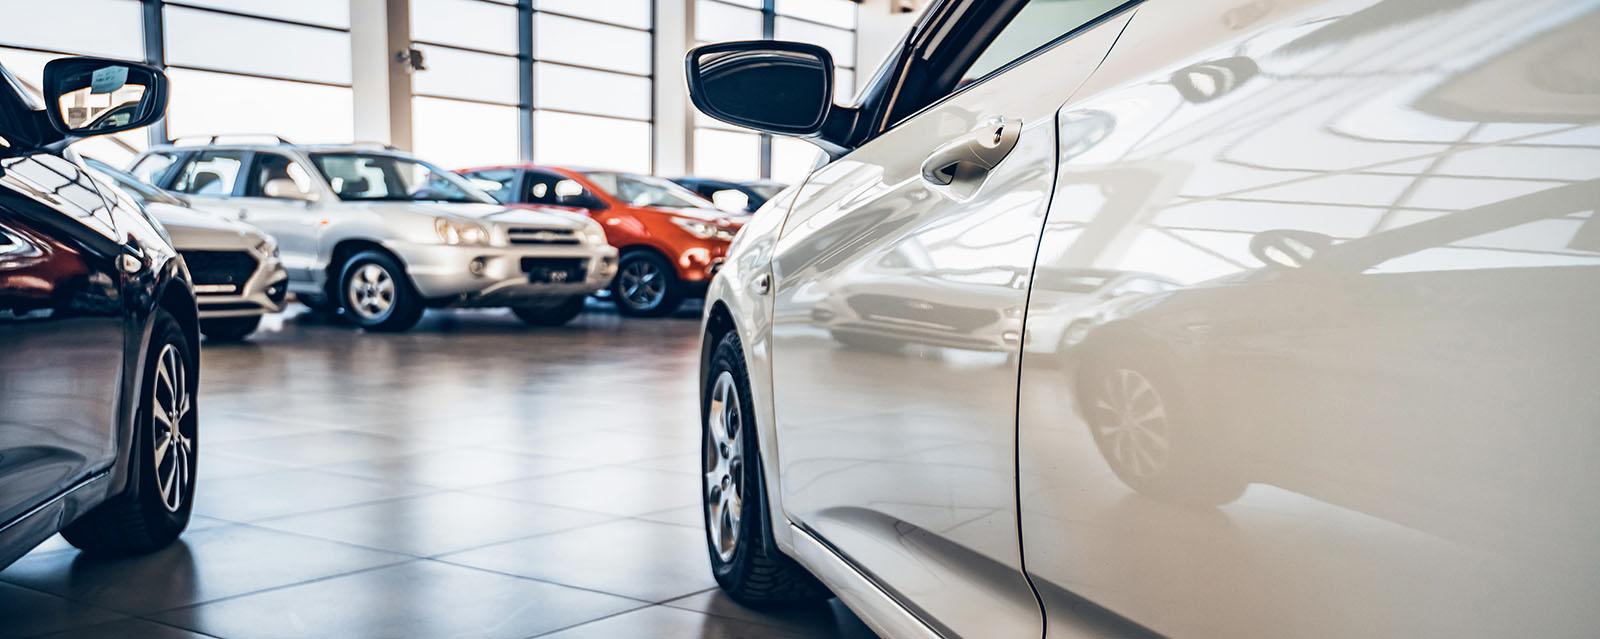 Kontakta Haninge Bilpark när du ska sälja bil i Skåne